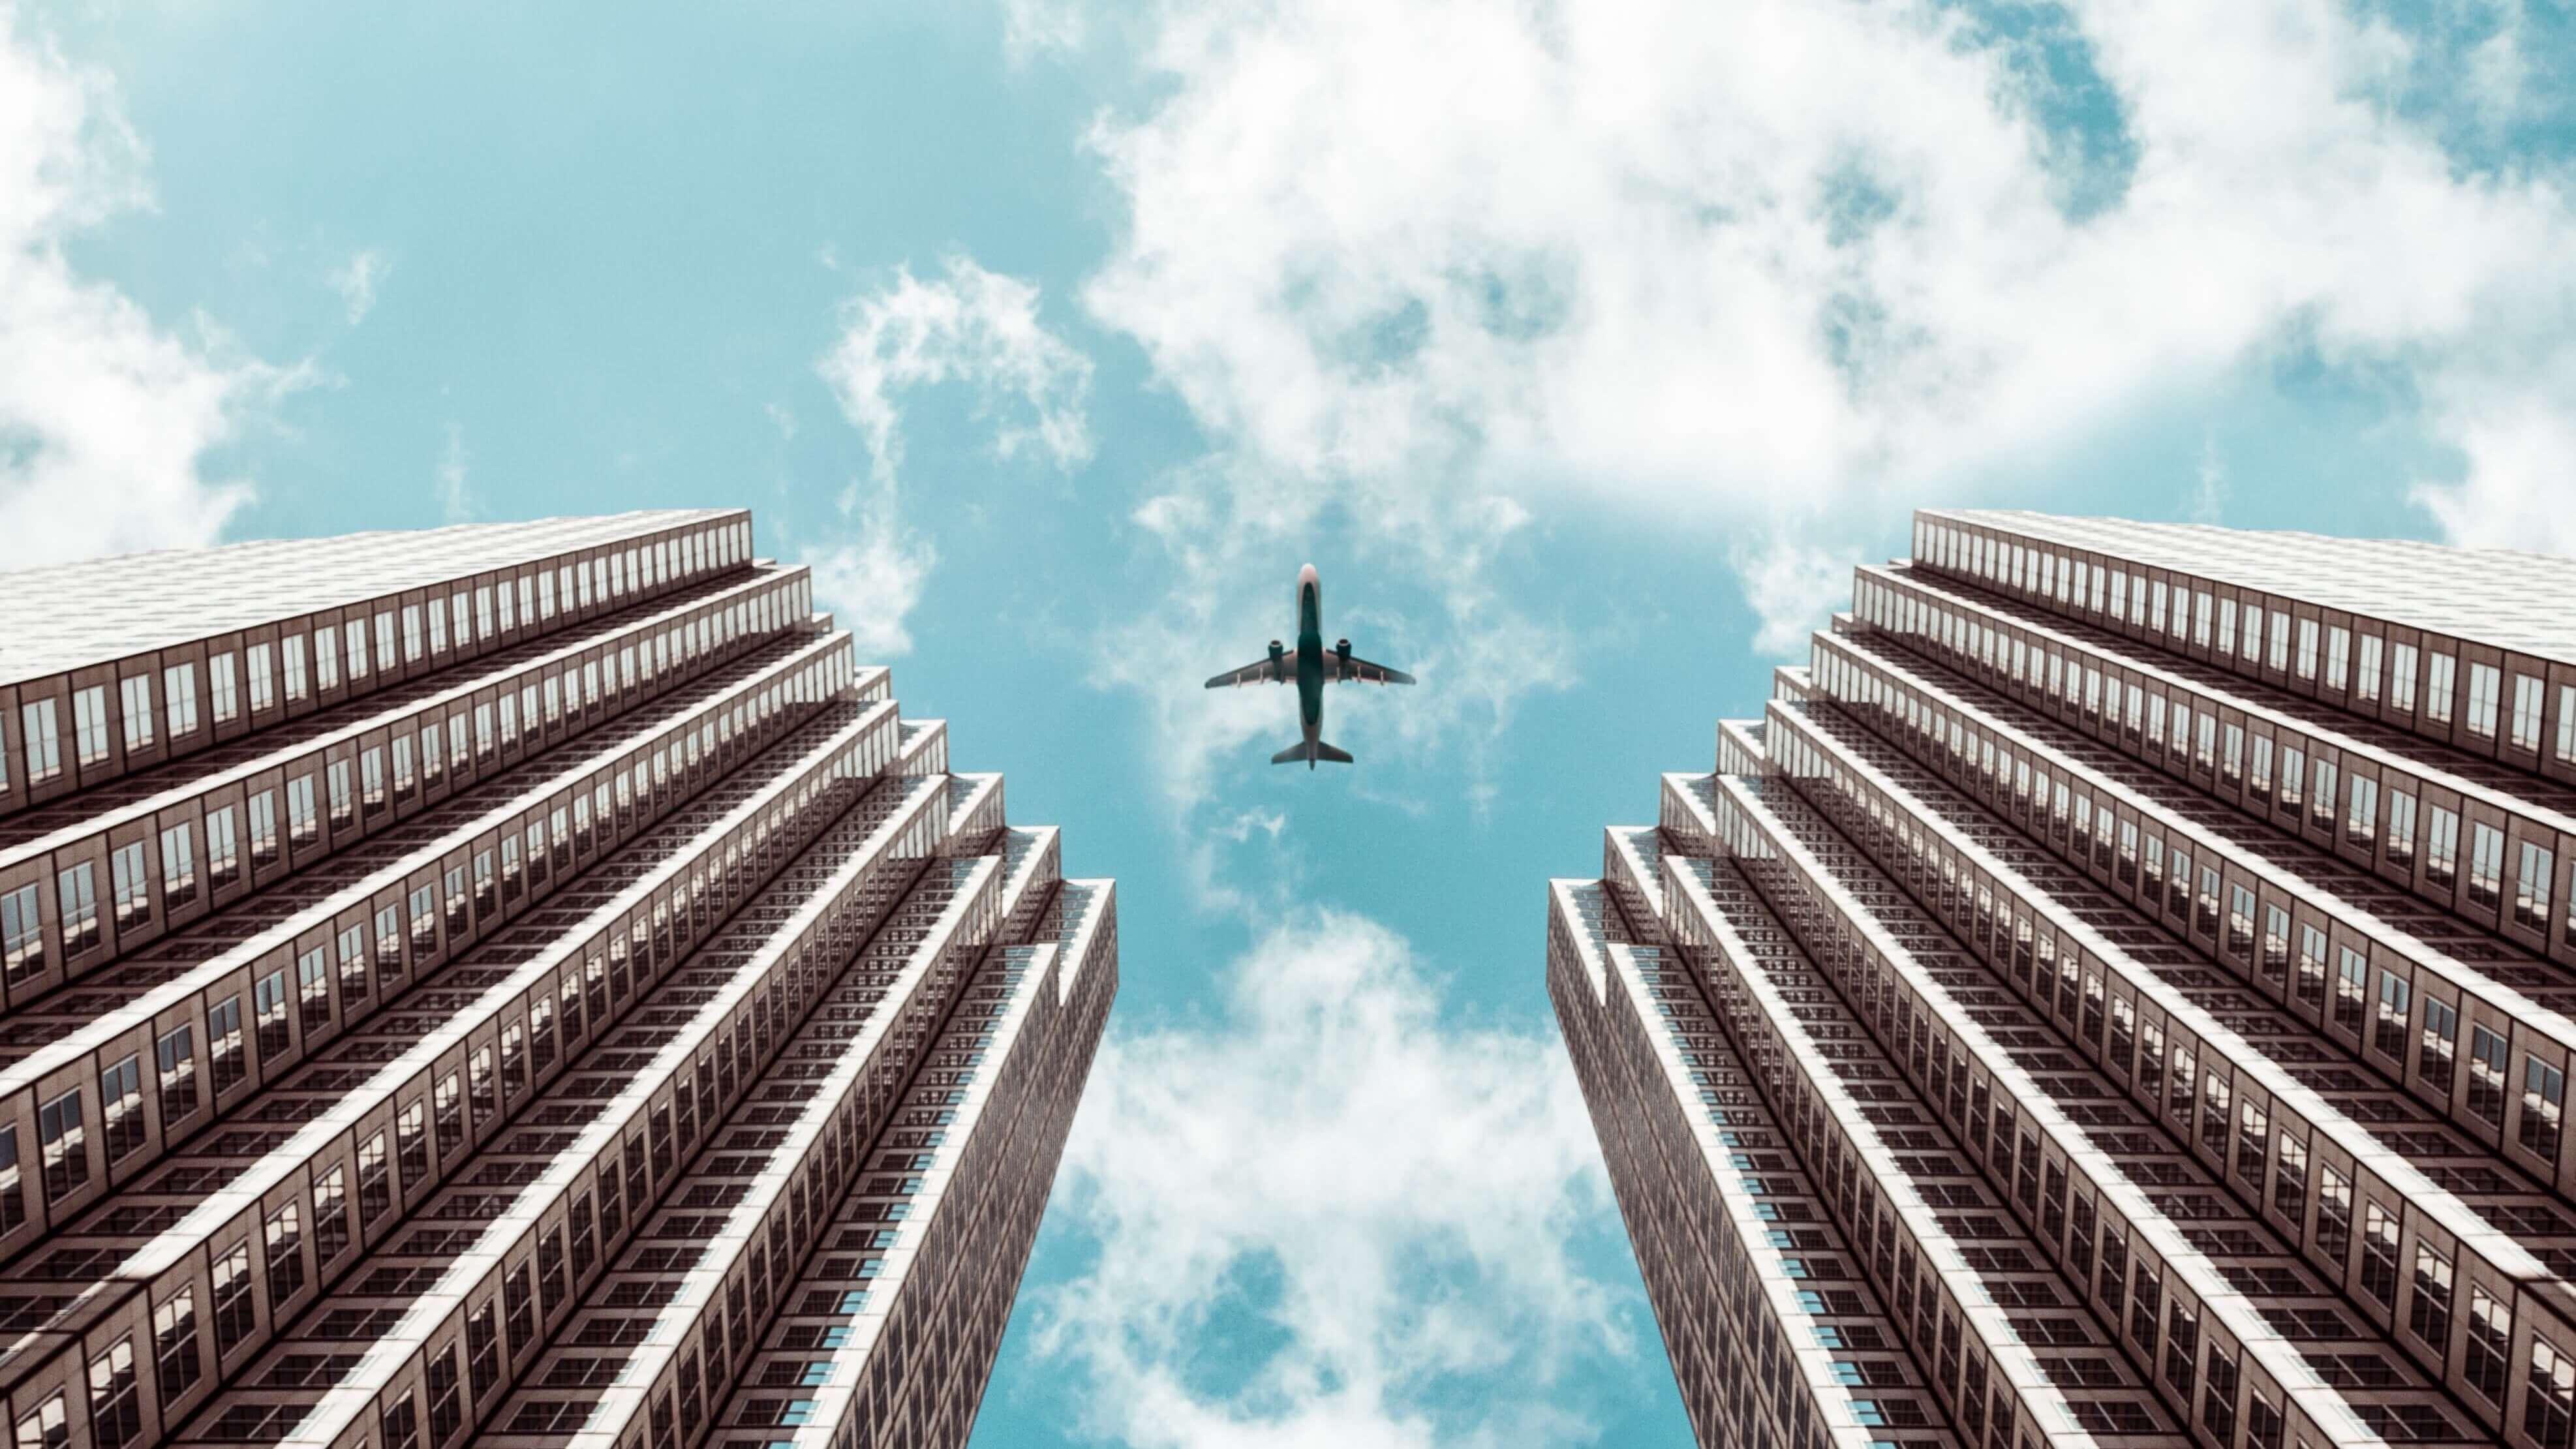 Palina Tech wirft einen Blick auf luftige Innovationen. Wie werden wir in Zukunft fliegen? Forscher tüfteln an neuartigen Flugzeugen.